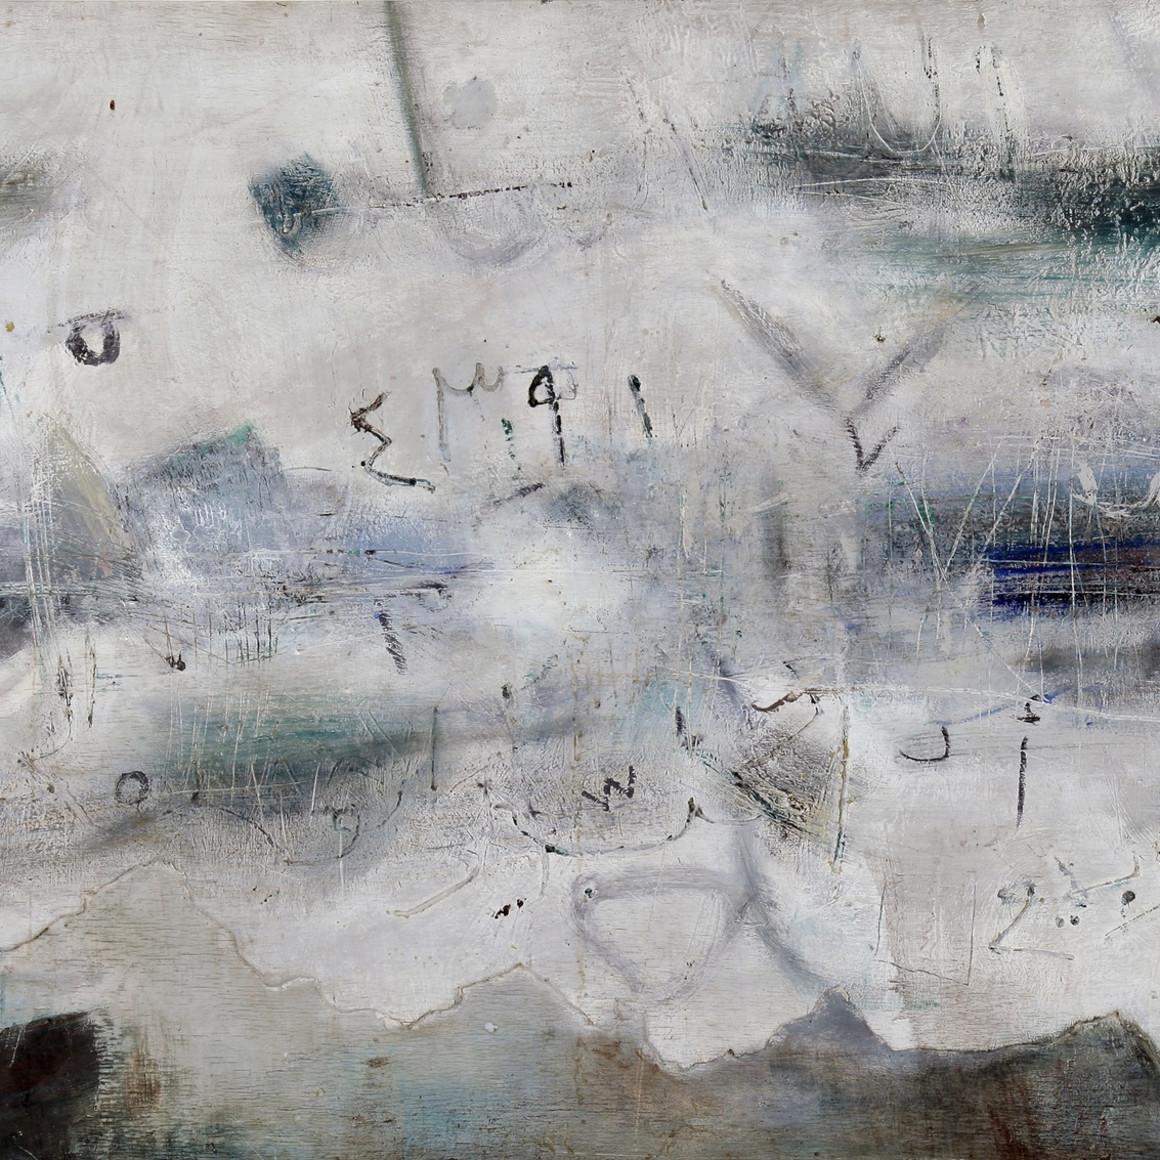 Shakir Hassan Al Said, Untitled, 1976